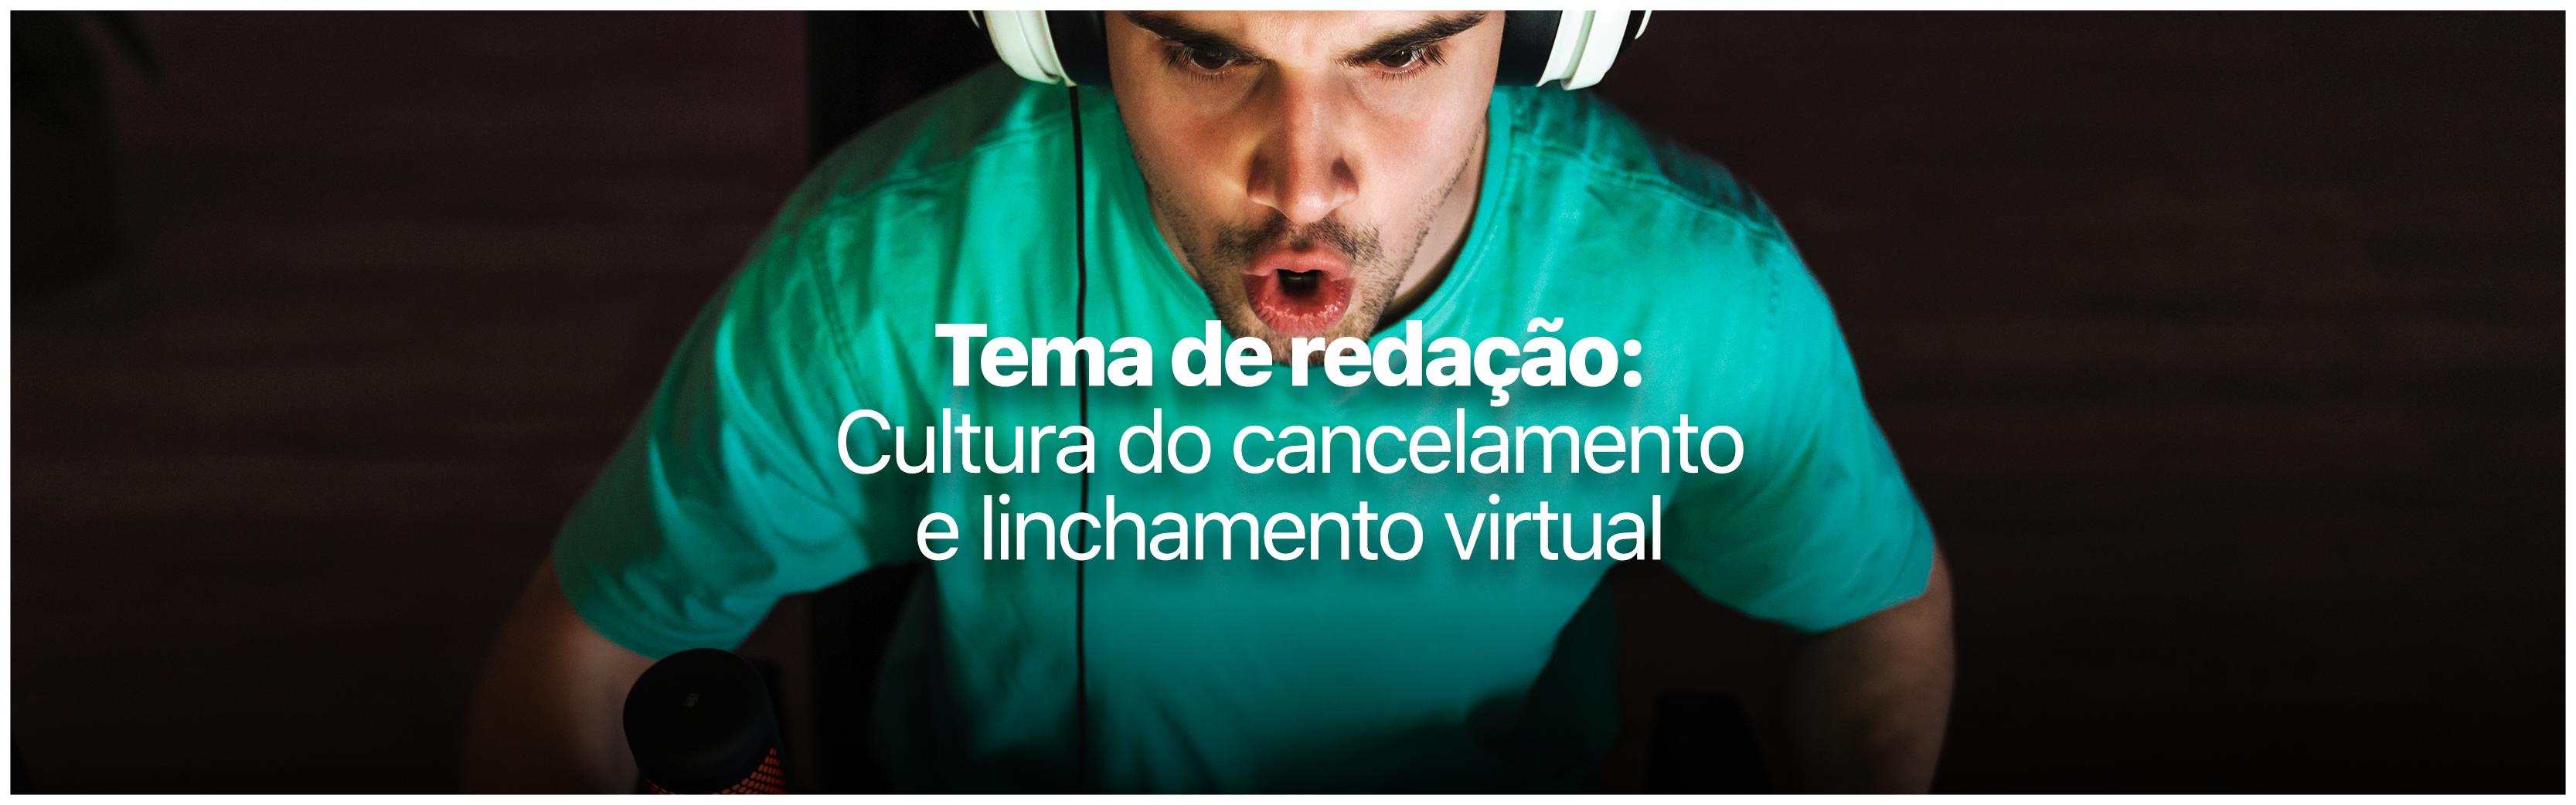 Tema de redação no vestibular: você sabe o que é linchamento virtual?